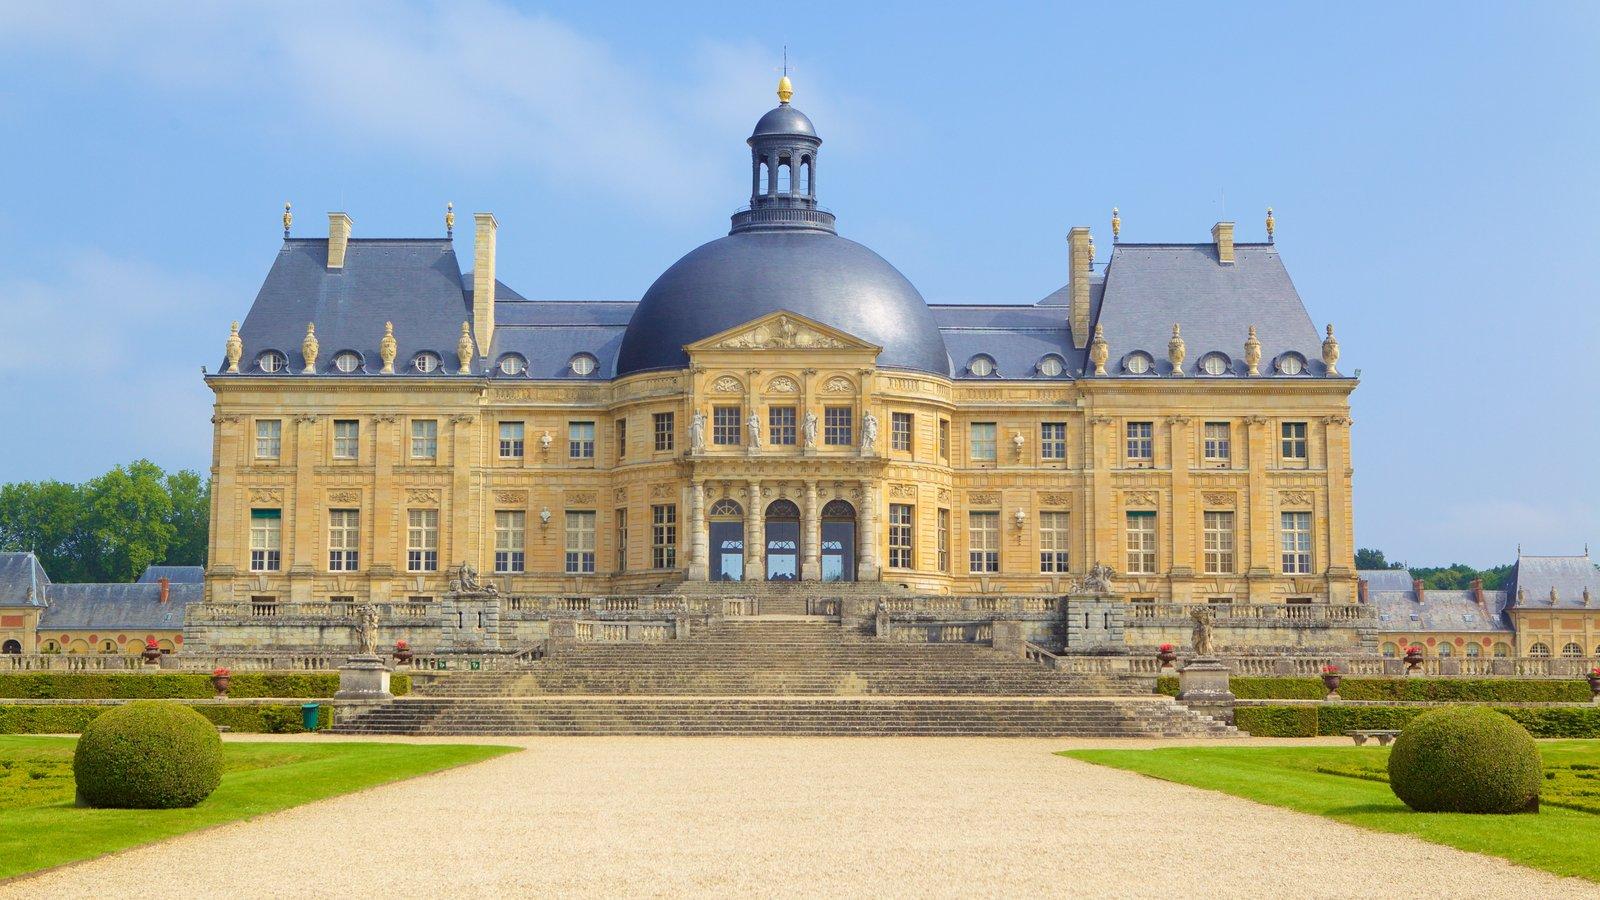 Melun caracterizando um pequeno castelo ou palácio, elementos de patrimônio e arquitetura de patrimônio